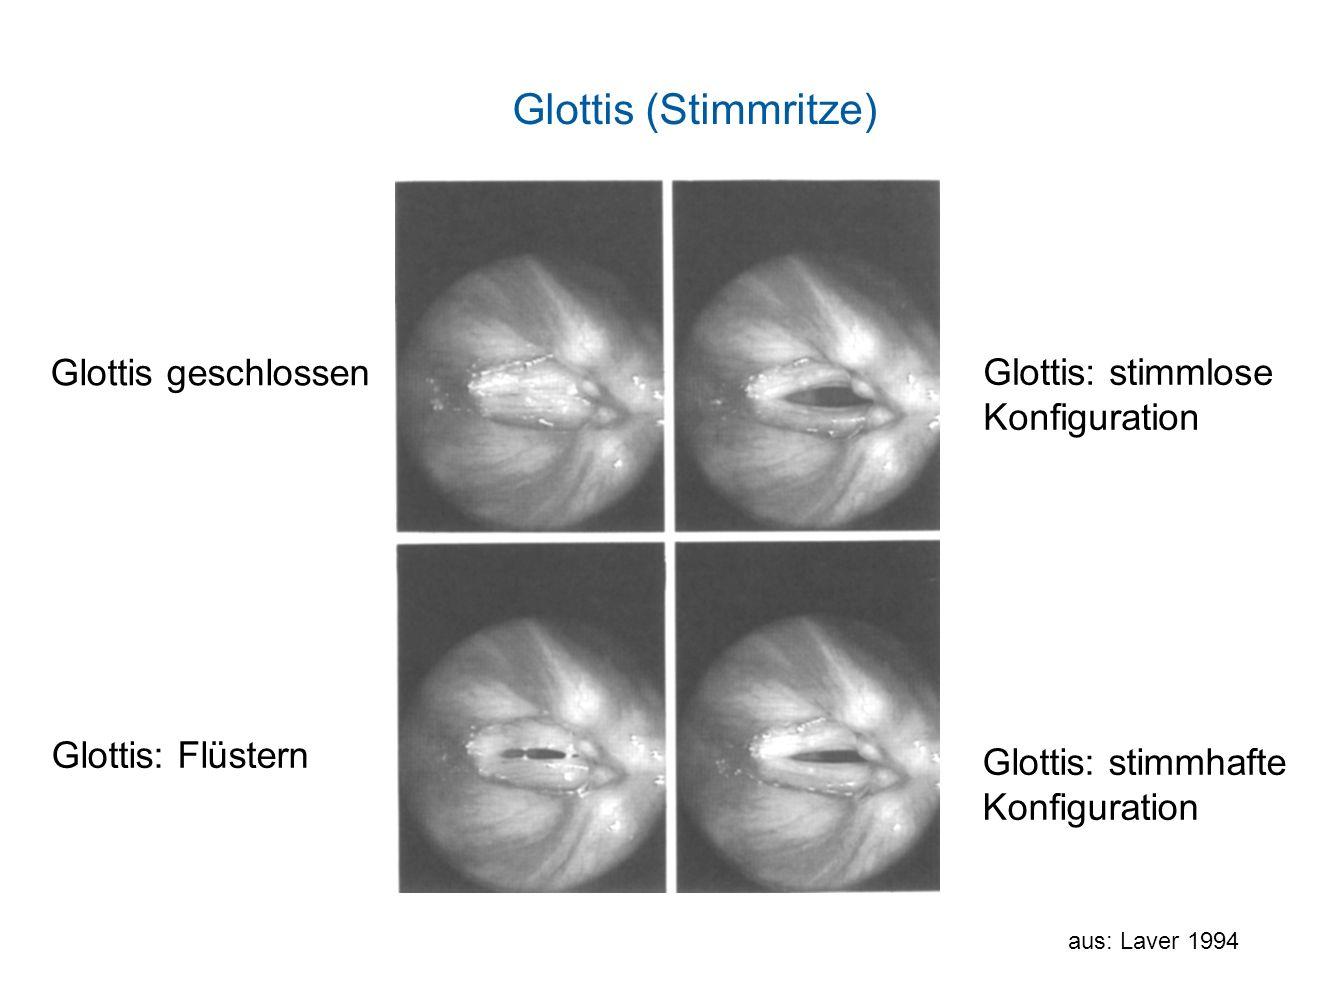 Glottis geschlossen Glottis: stimmlose Konfiguration Glottis: Flüstern Glottis: stimmhafte Konfiguration Glottis (Stimmritze) aus: Laver 1994